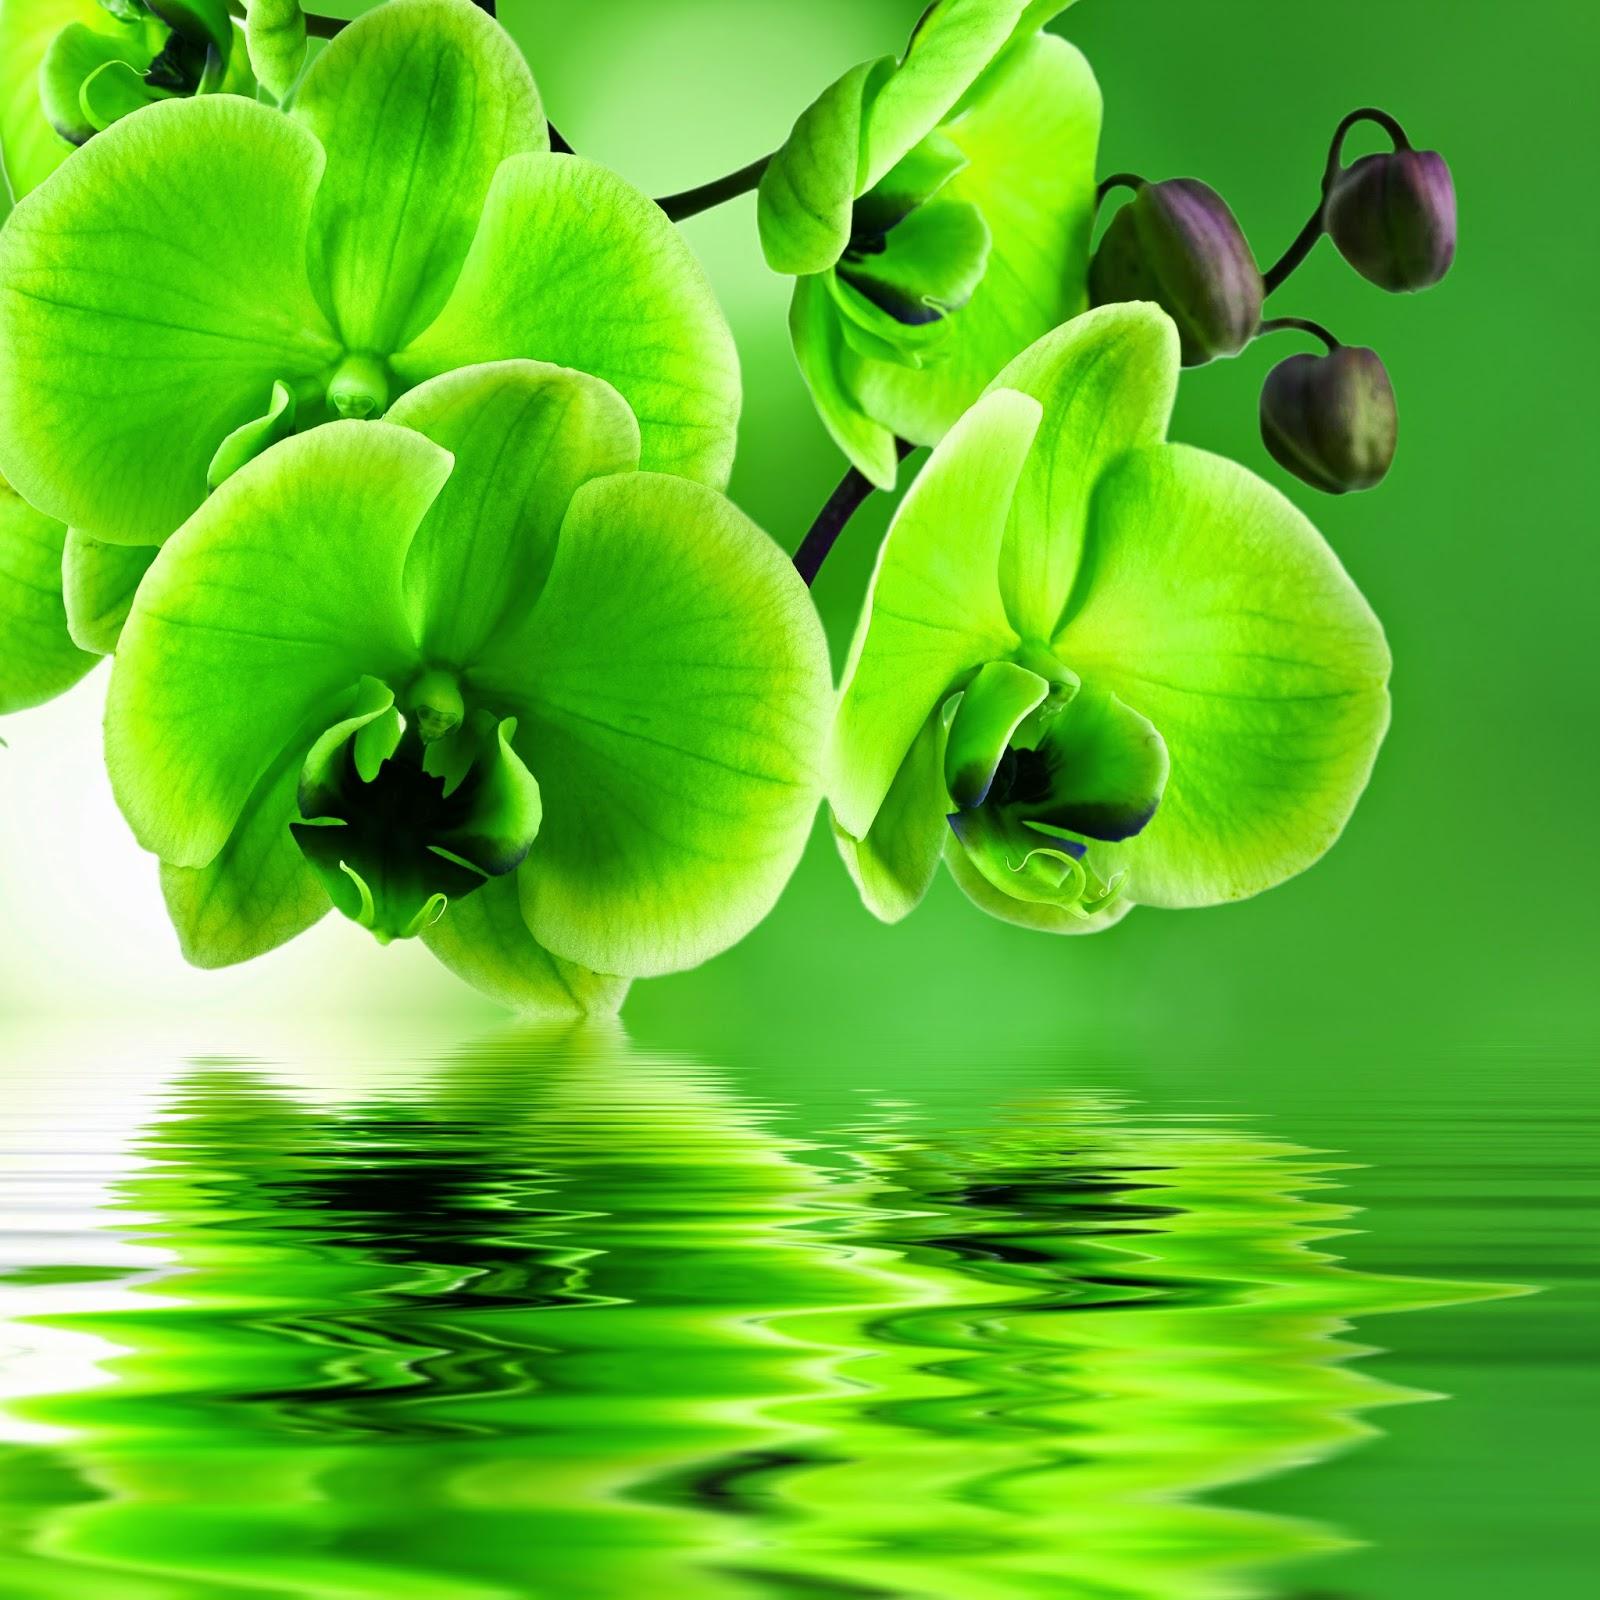 Imagenes Bonitas De Flores Para Fondo De Escritorio